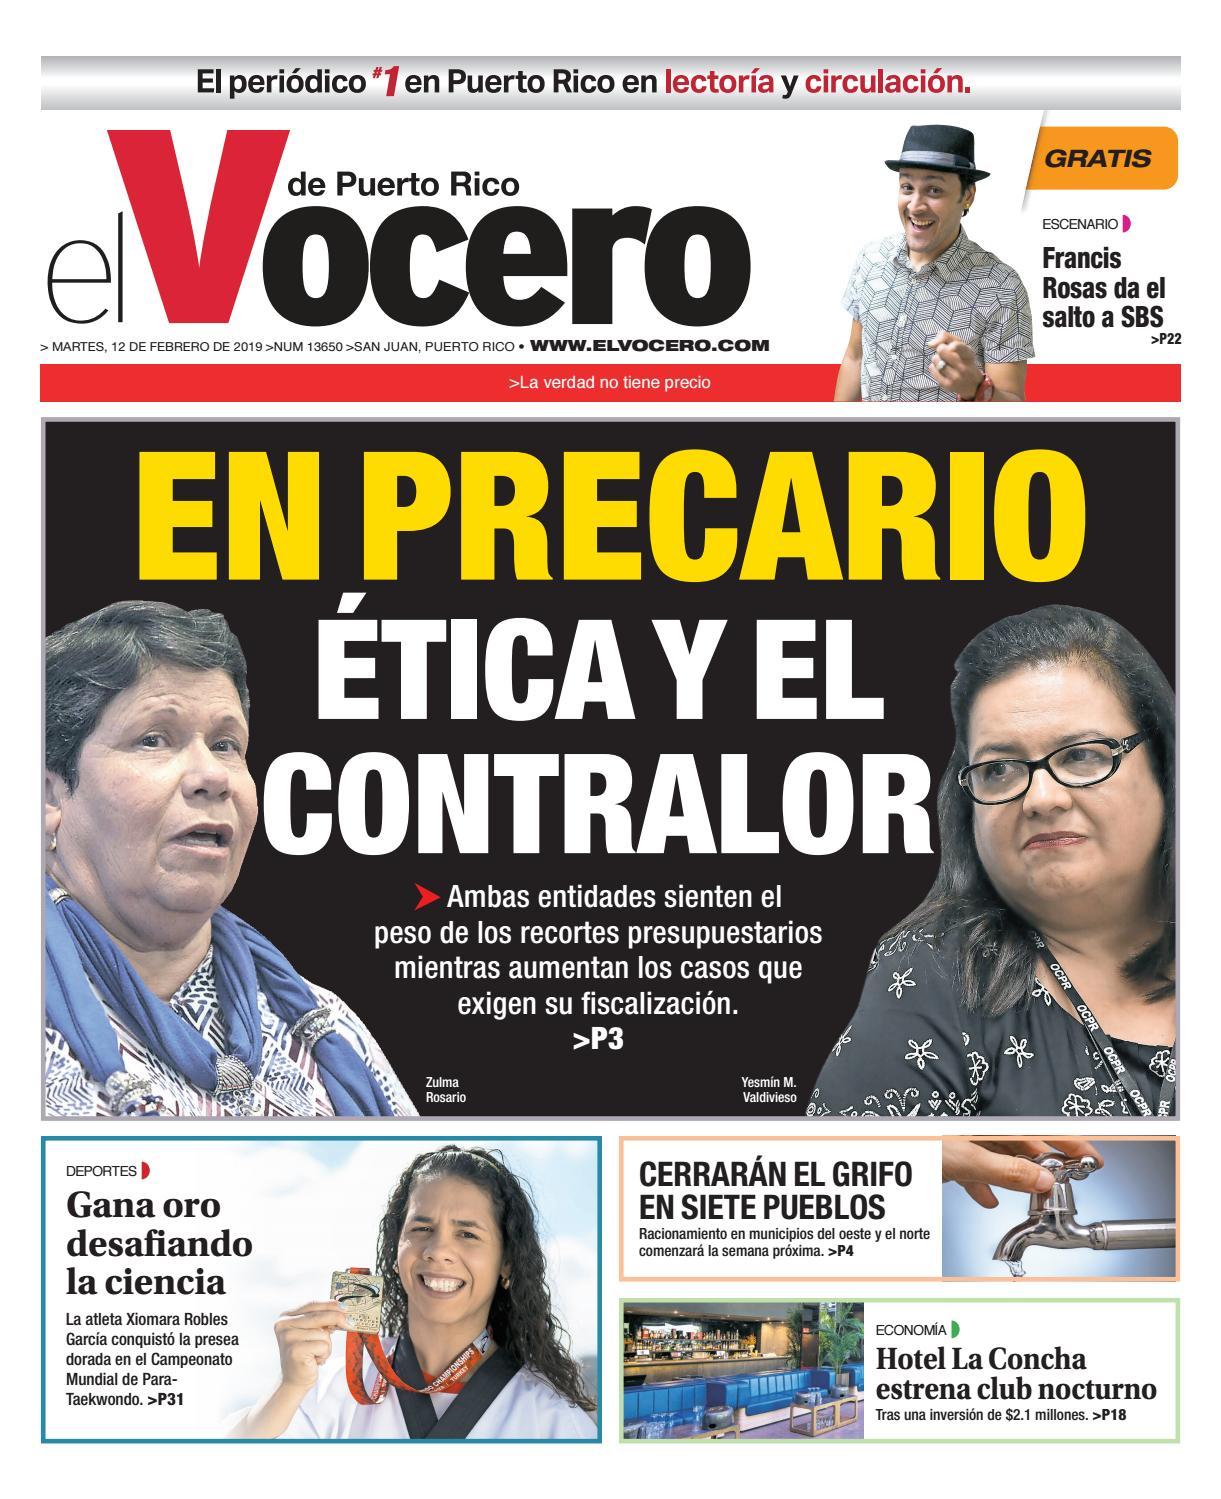 d0cecfee9a Edición del 12 de febrero de 2019 by El Vocero de Puerto Rico - issuu